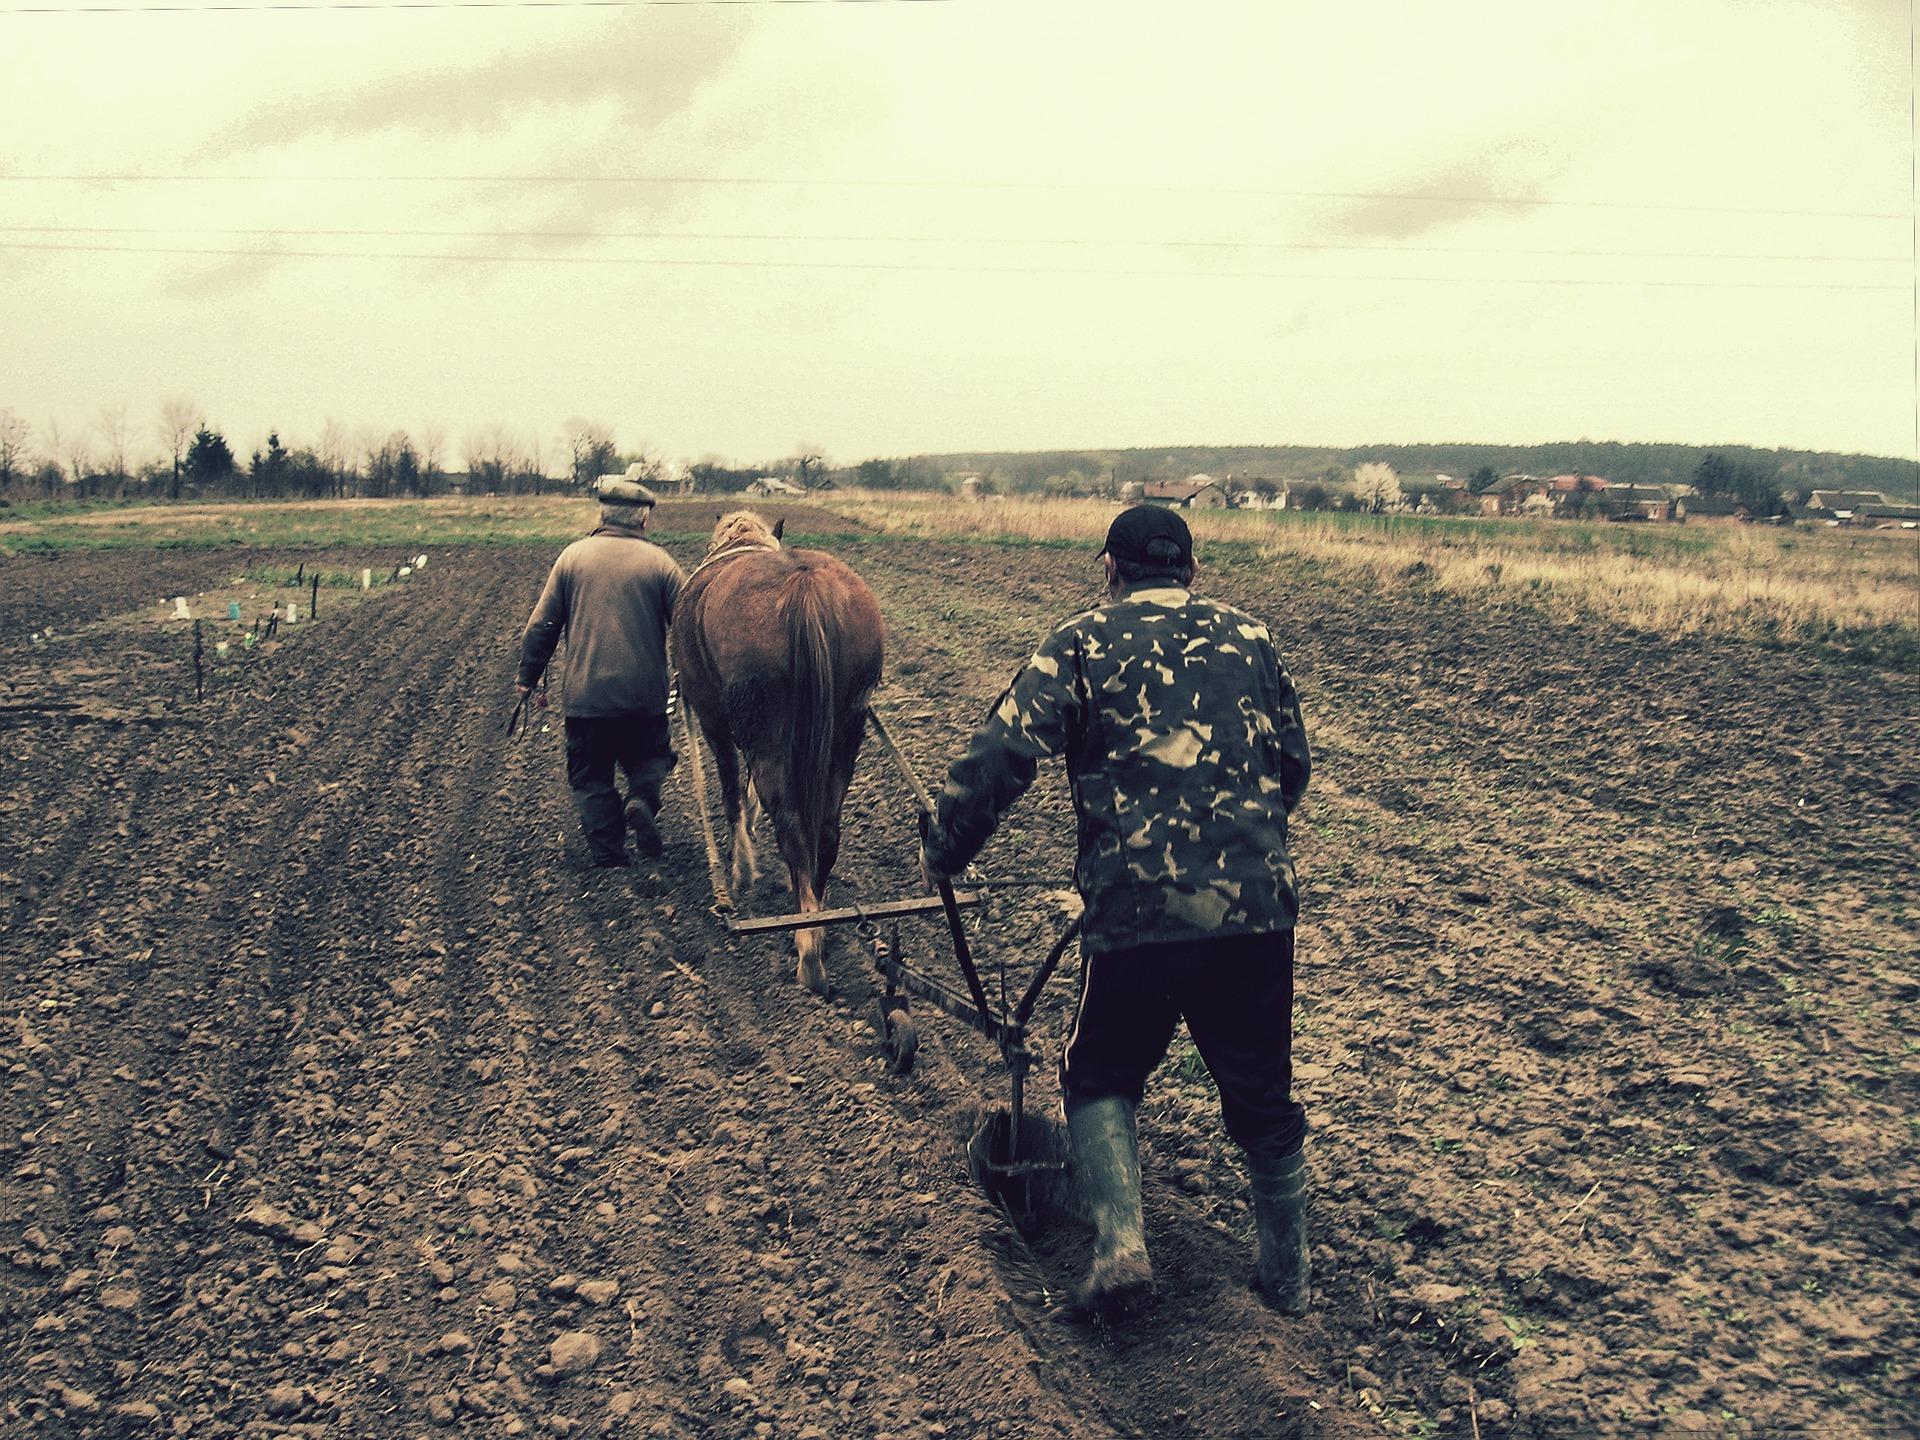 農作業者向けの靴が起源